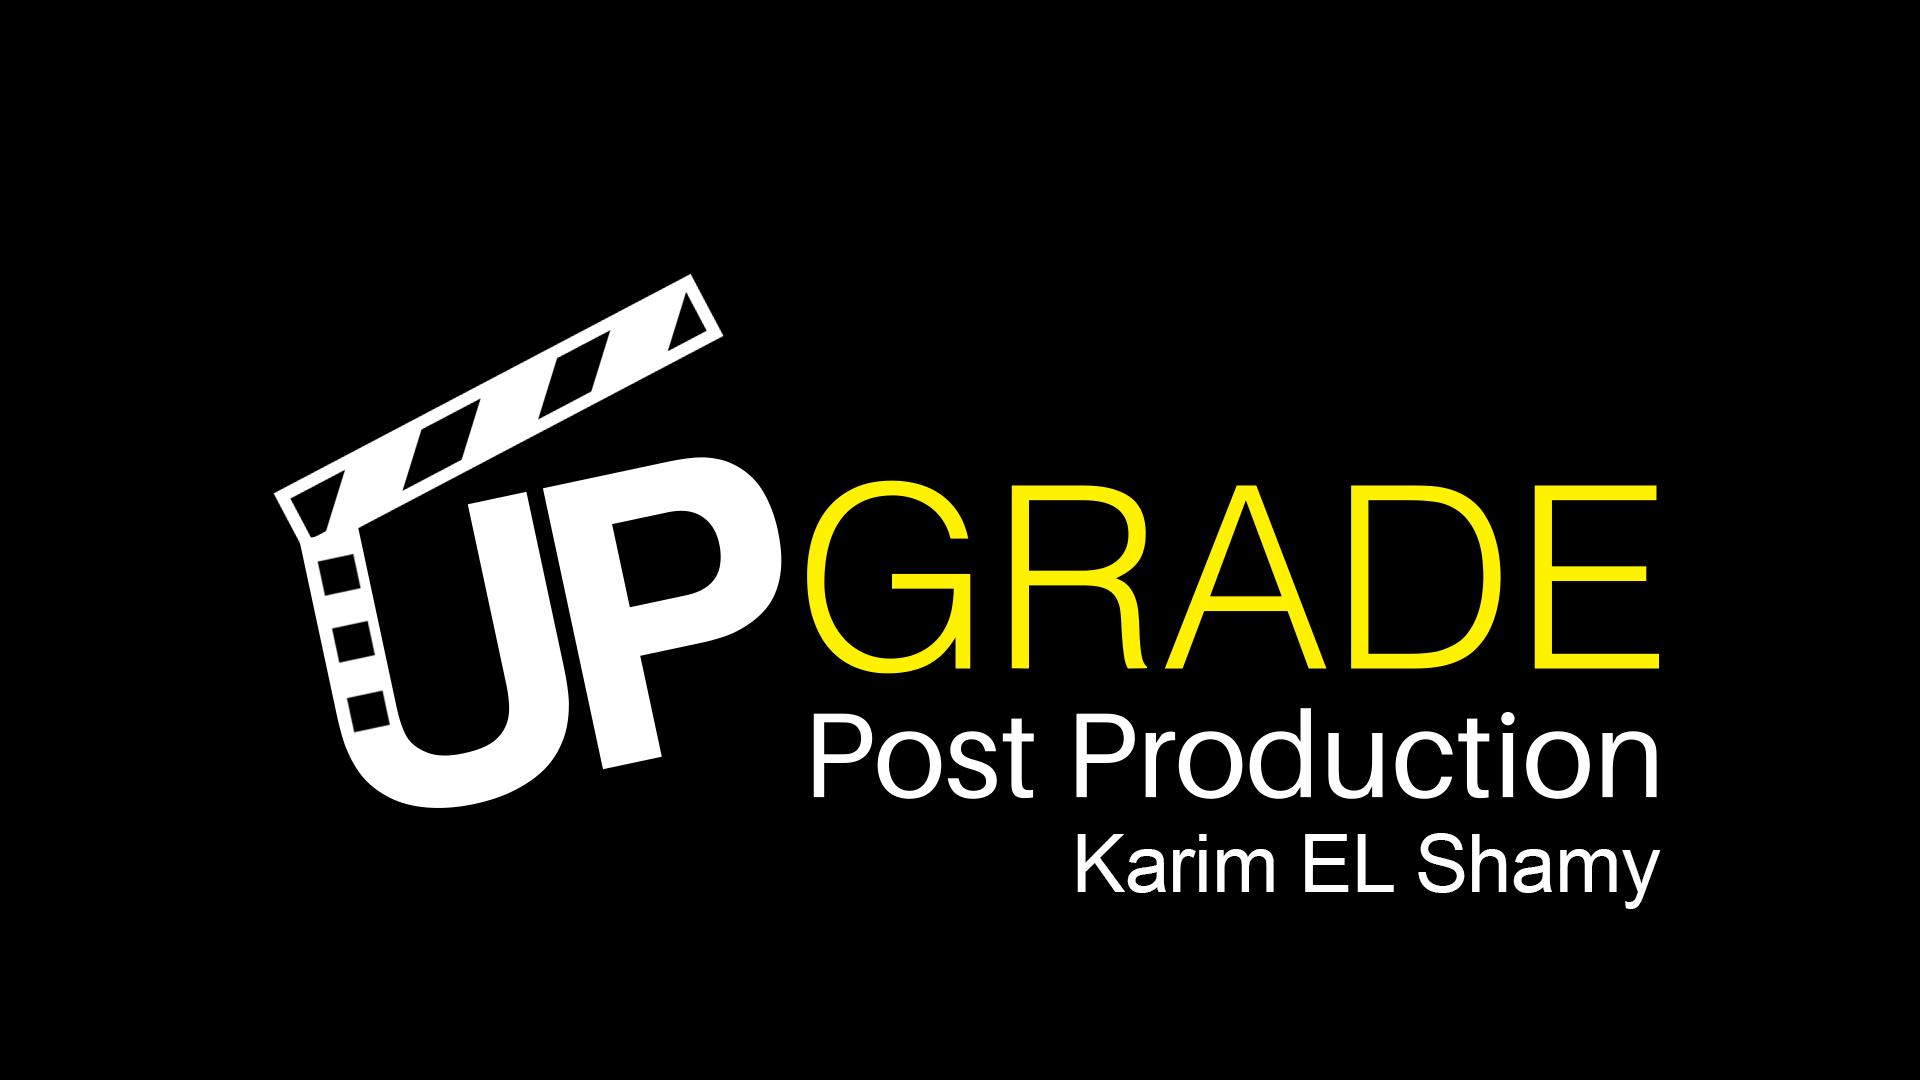 UPgrade logo.png